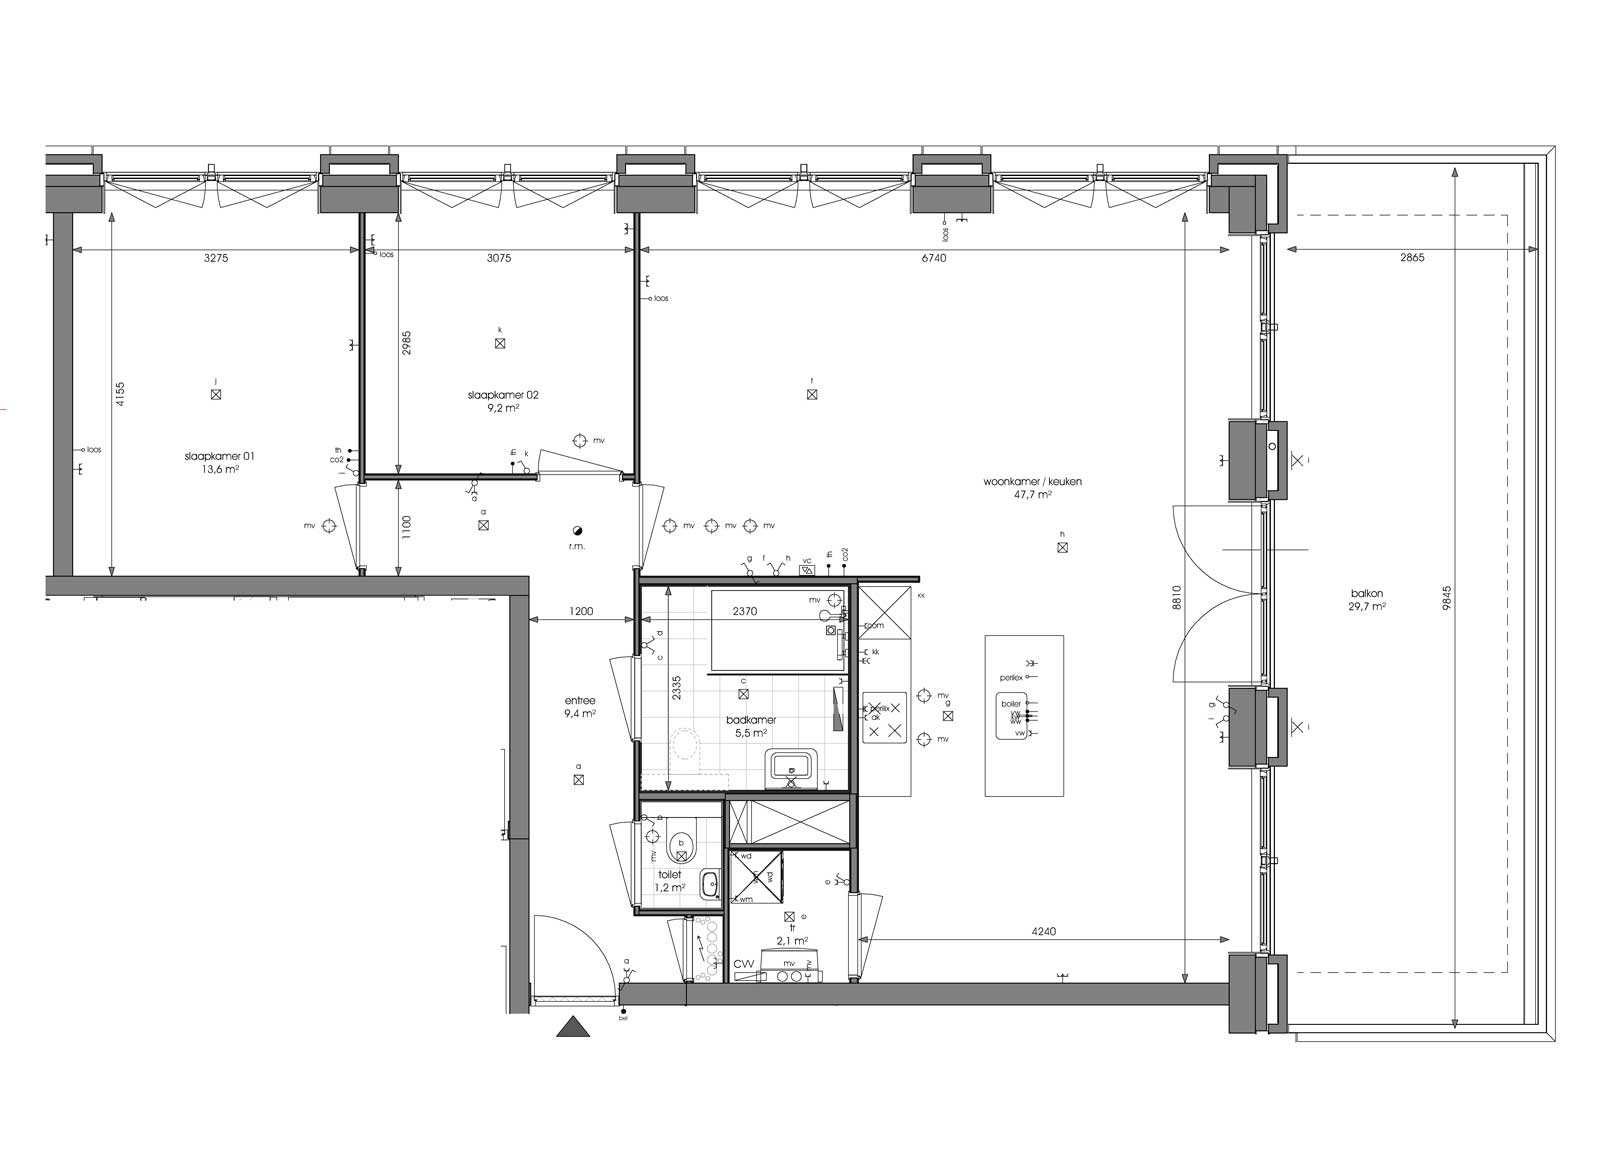 Ede residentie Enka appartementencomplex - Plattegrond appartement type A1